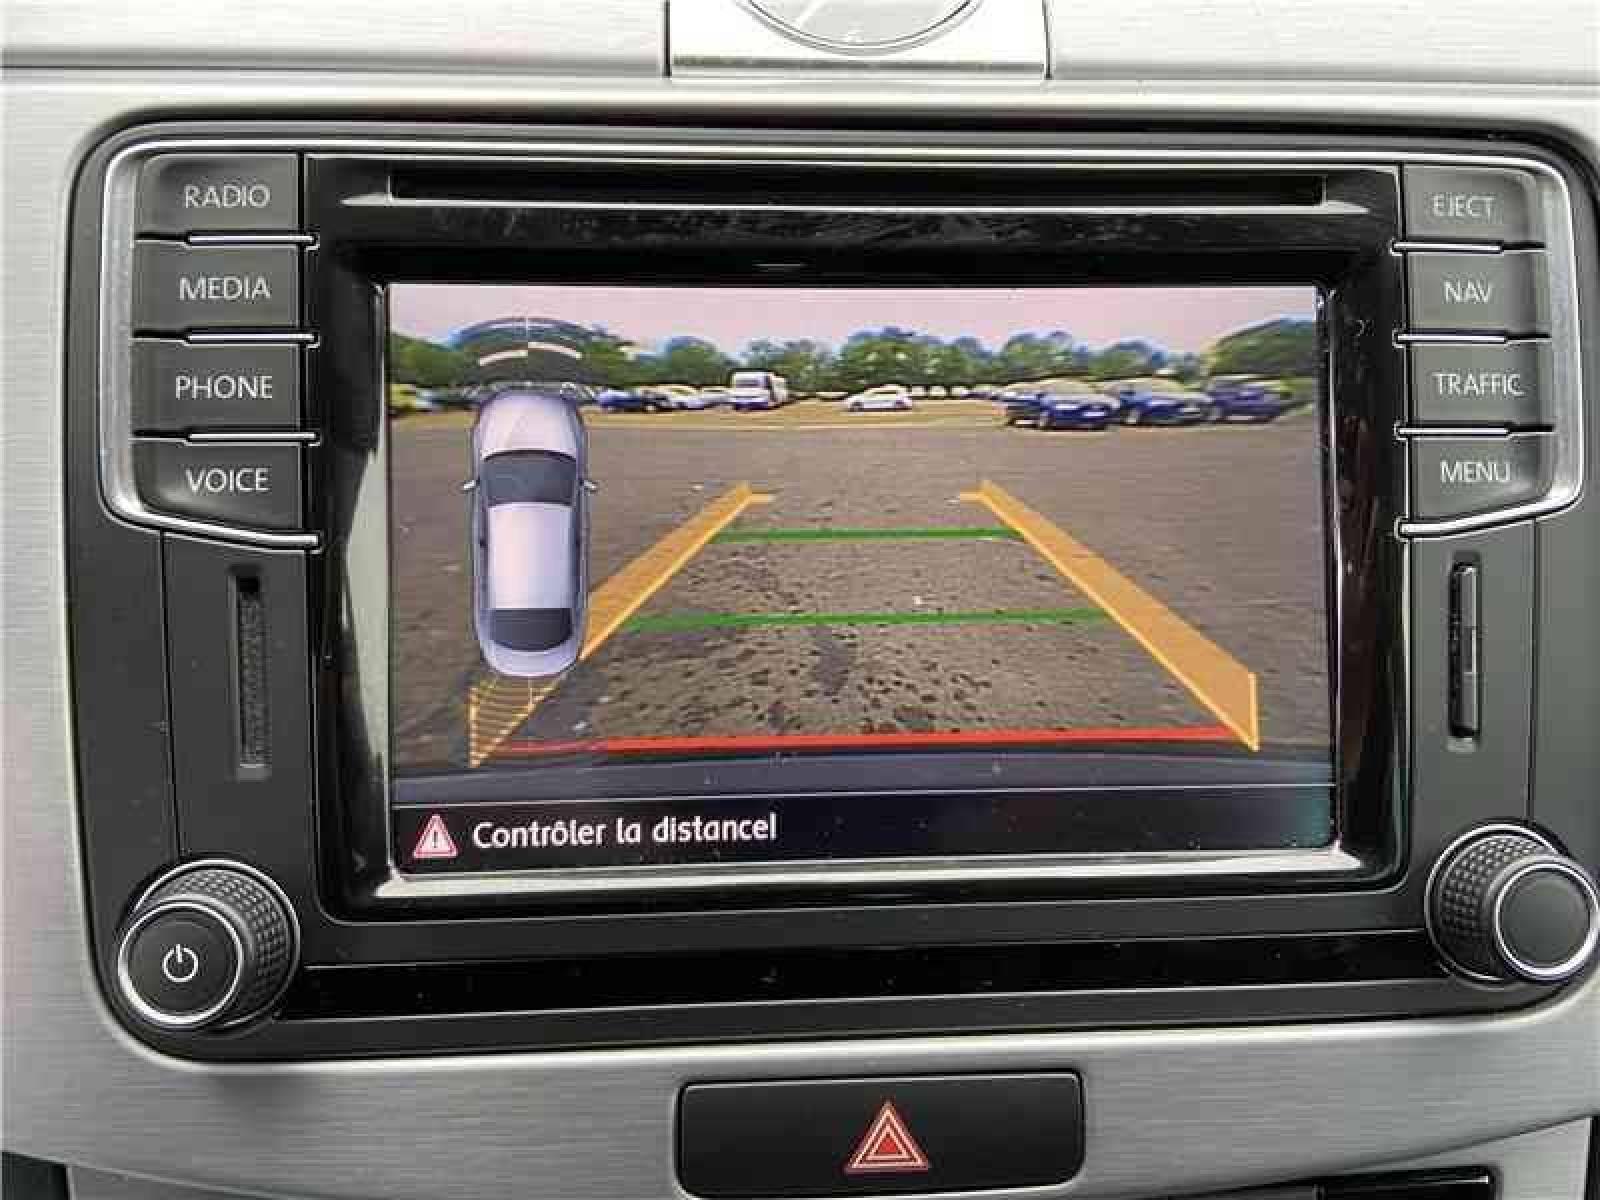 VOLKSWAGEN CC 2.0 TDI 150 FAP BlueMotion Technology - véhicule d'occasion - LEMAUVIEL AUTOMOBILES - Présentation site web V2 - Lemauviel automobiles - AVRANCHES - 50300 - LE VAL-SAINT-PÈRE - 16